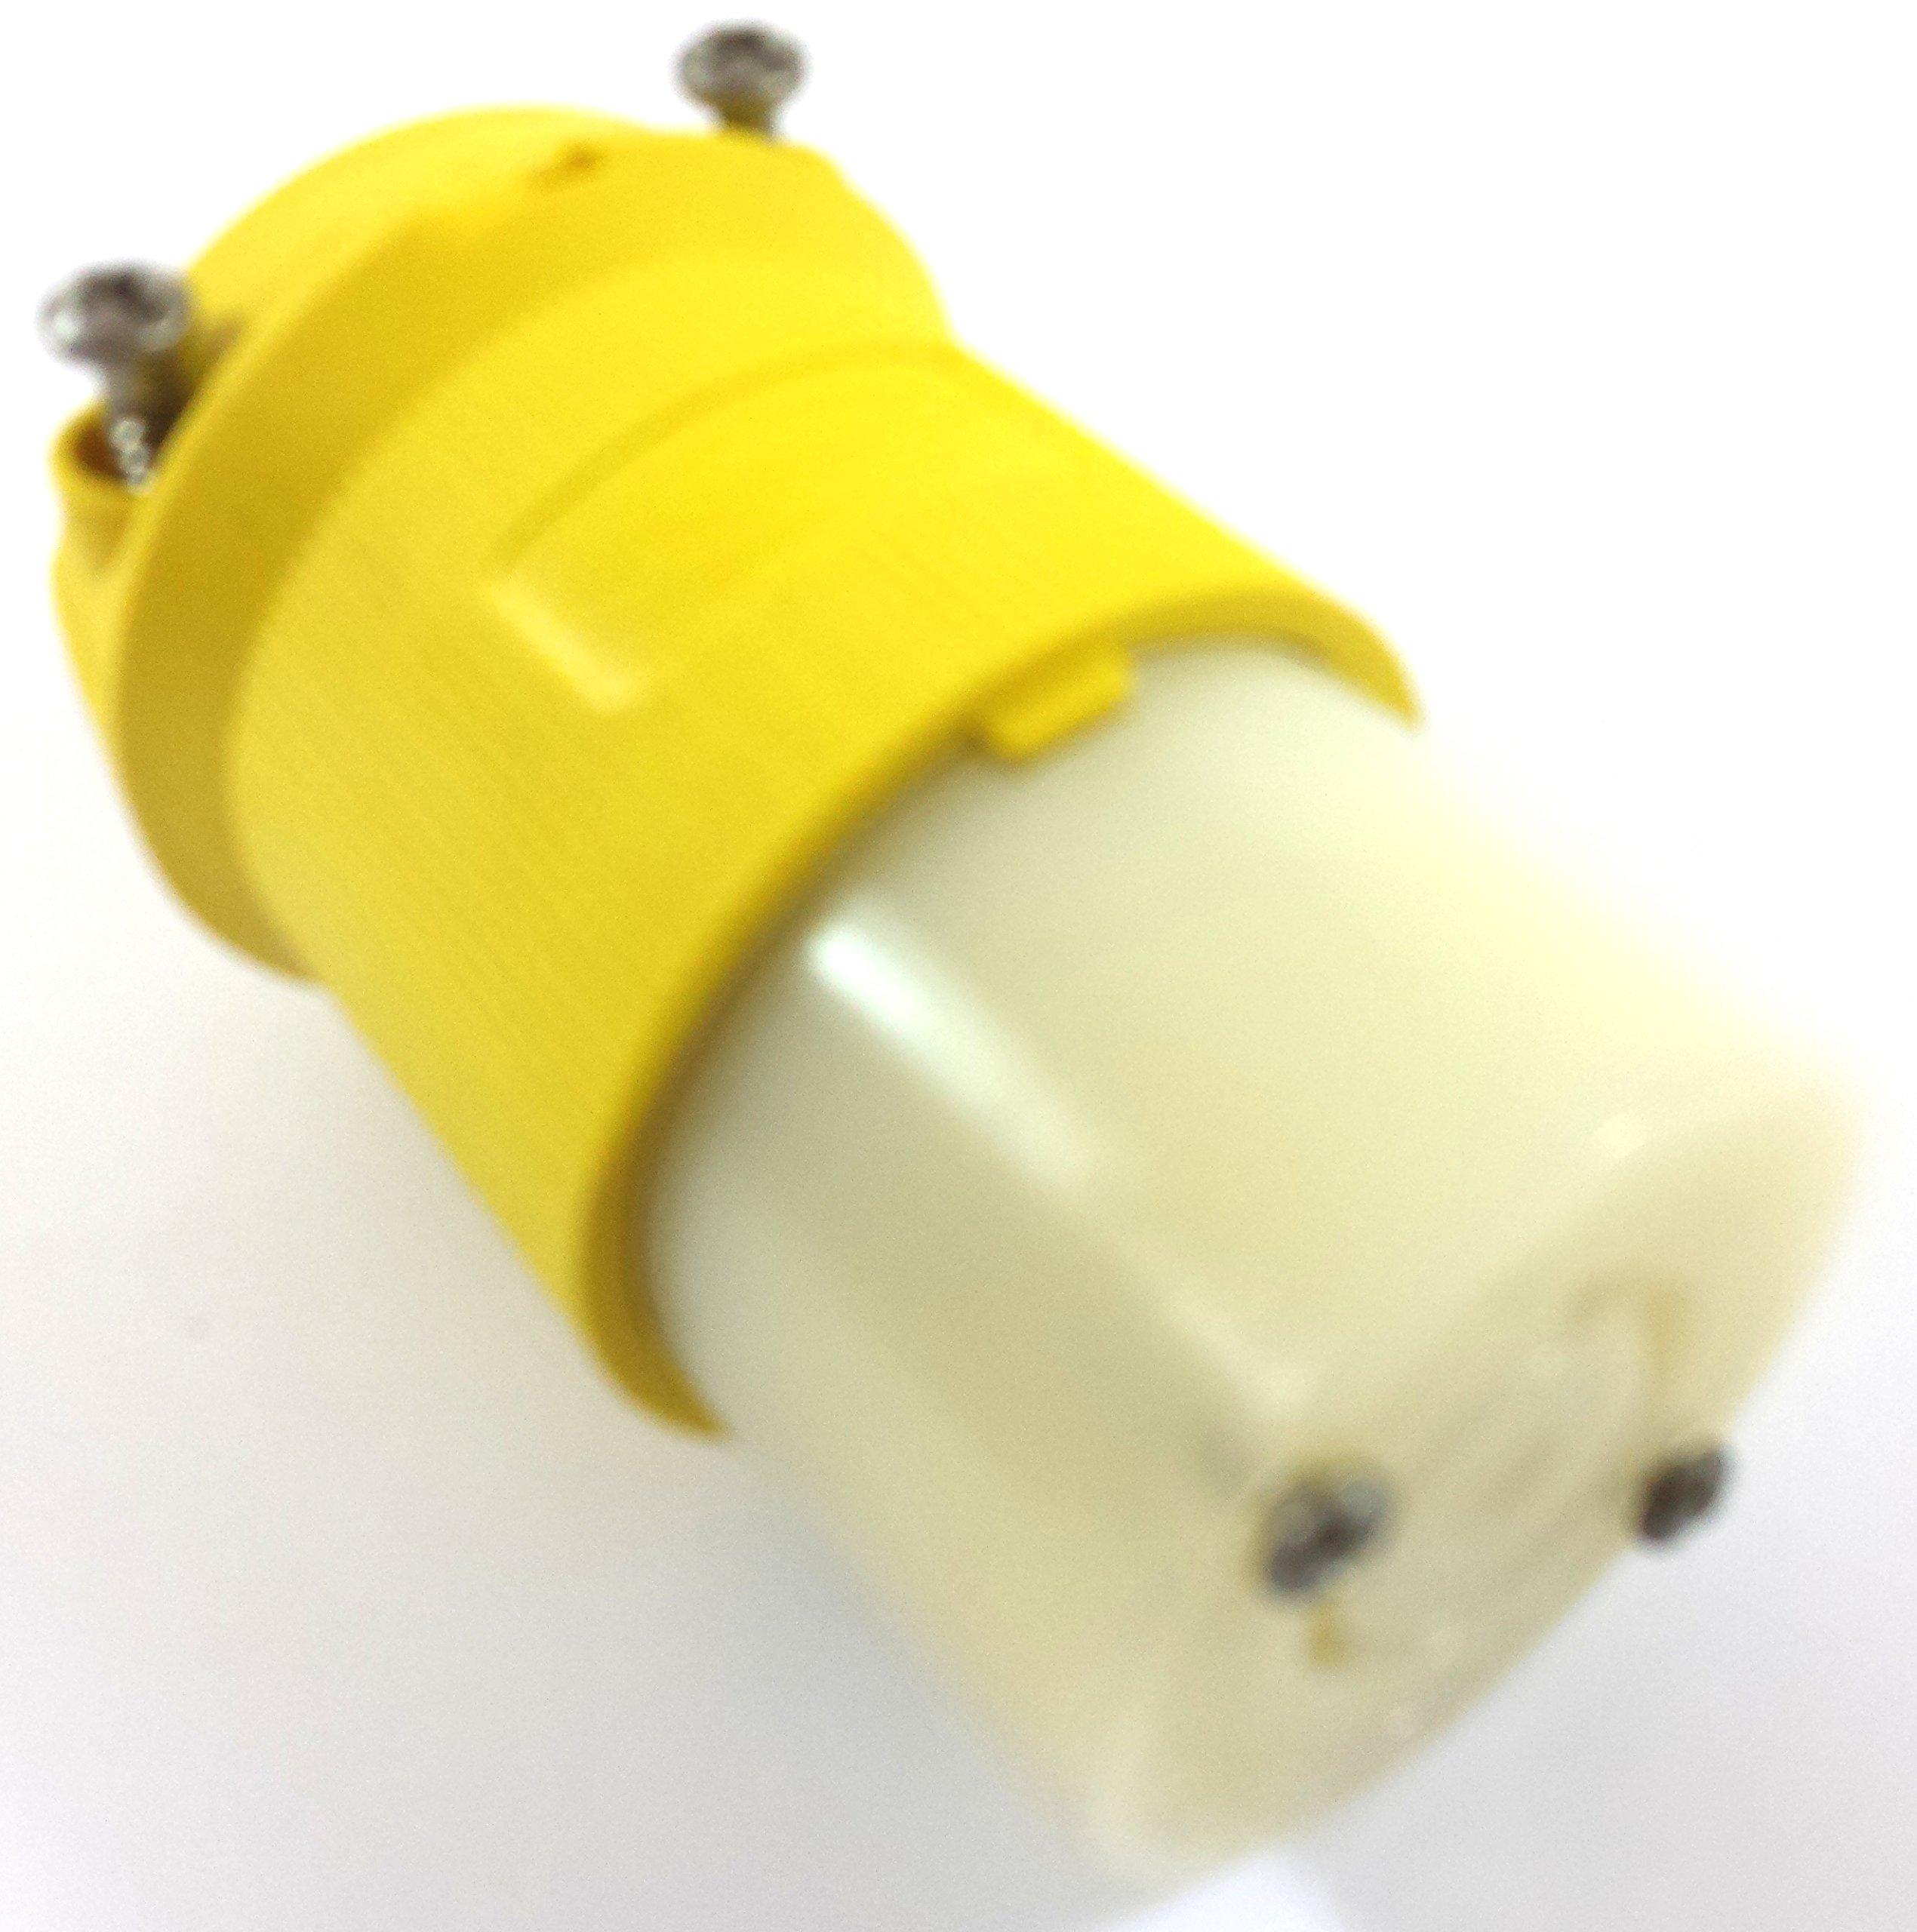 HUBBELL HBL24CM23 20A 250V 3P 4W L15-20R TWIST LOCK CORD BODY by IAR